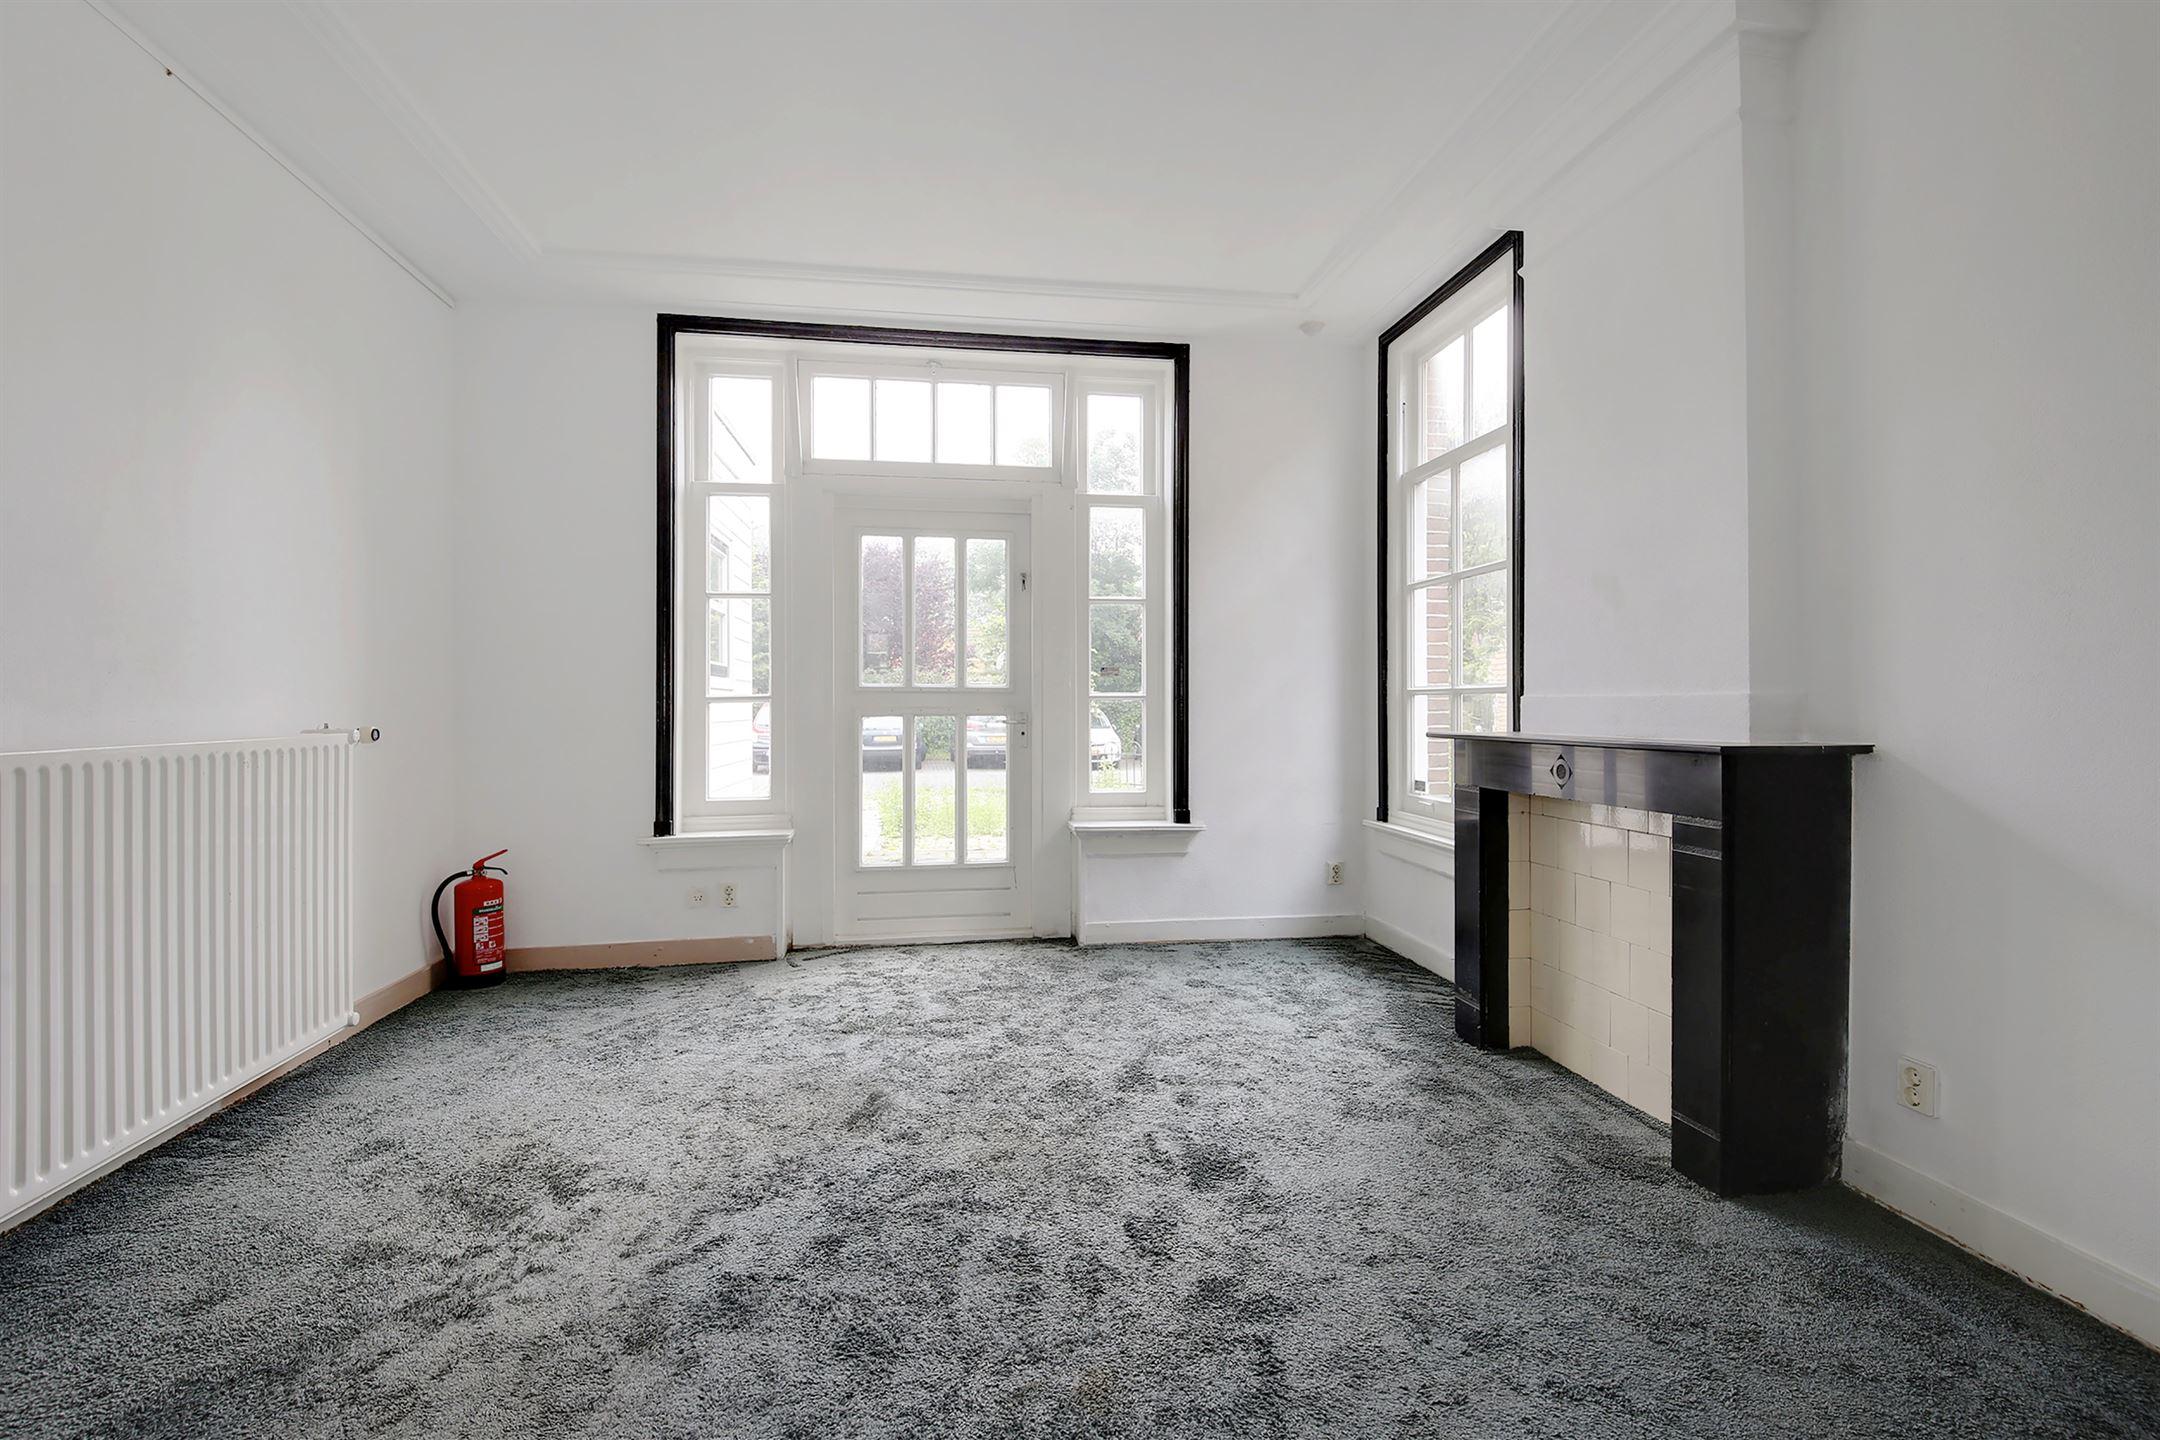 Design Keukens Heemskerk : Kantoor heemskerk zoek kantoren te huur maerelaan ka